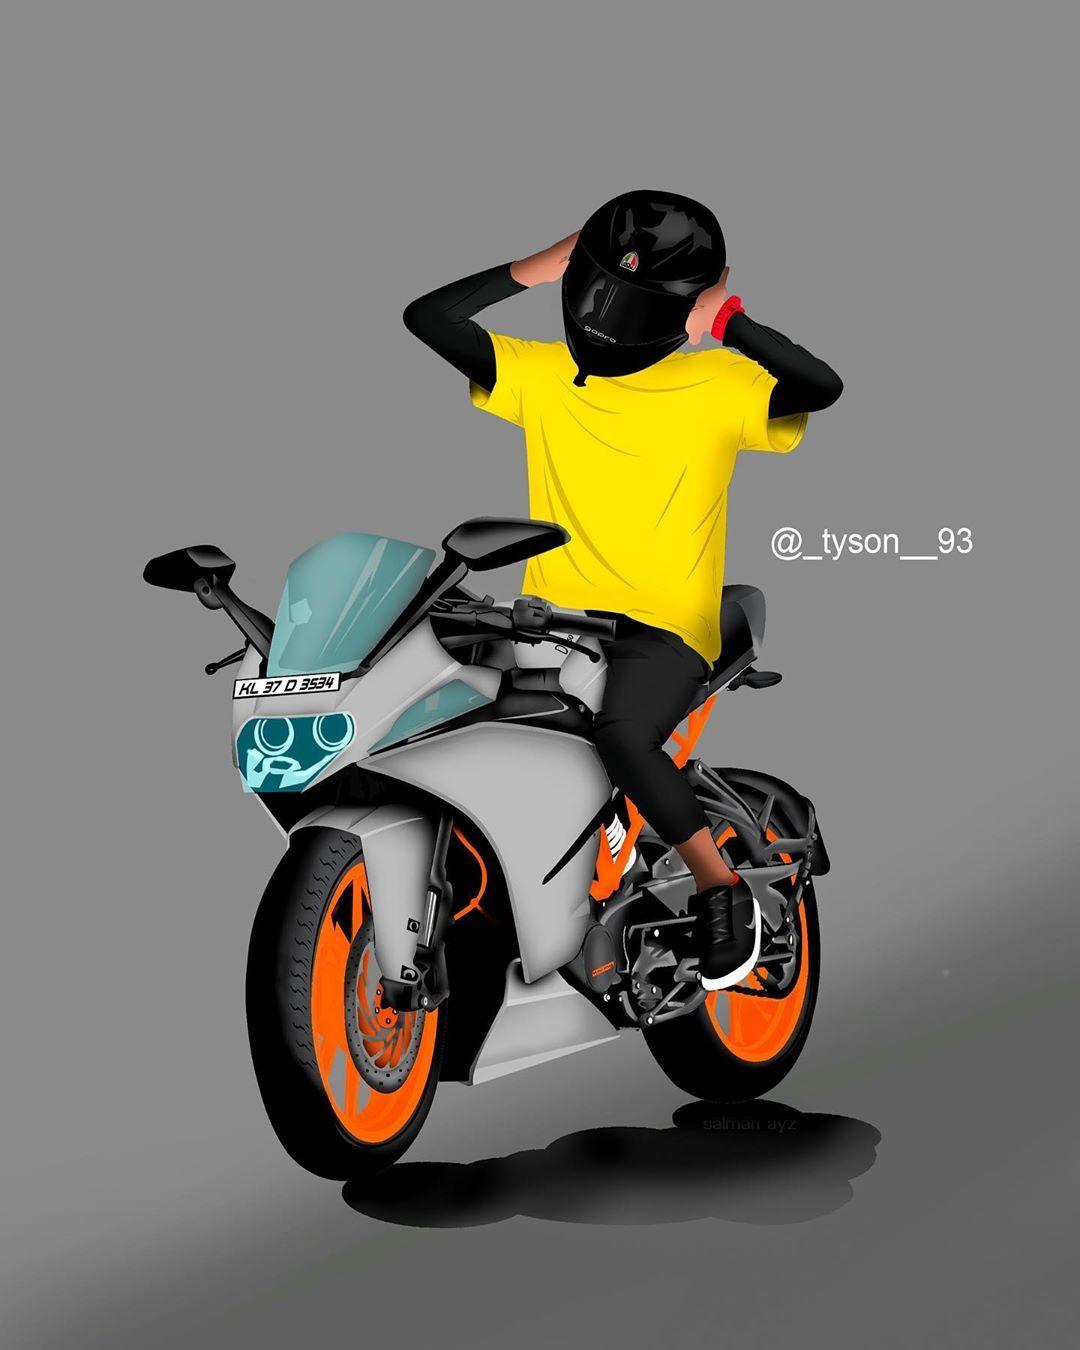 Crdtz Salman Ayz Ktmrc200 Bike Sketch Duke Bike Bike Drawing